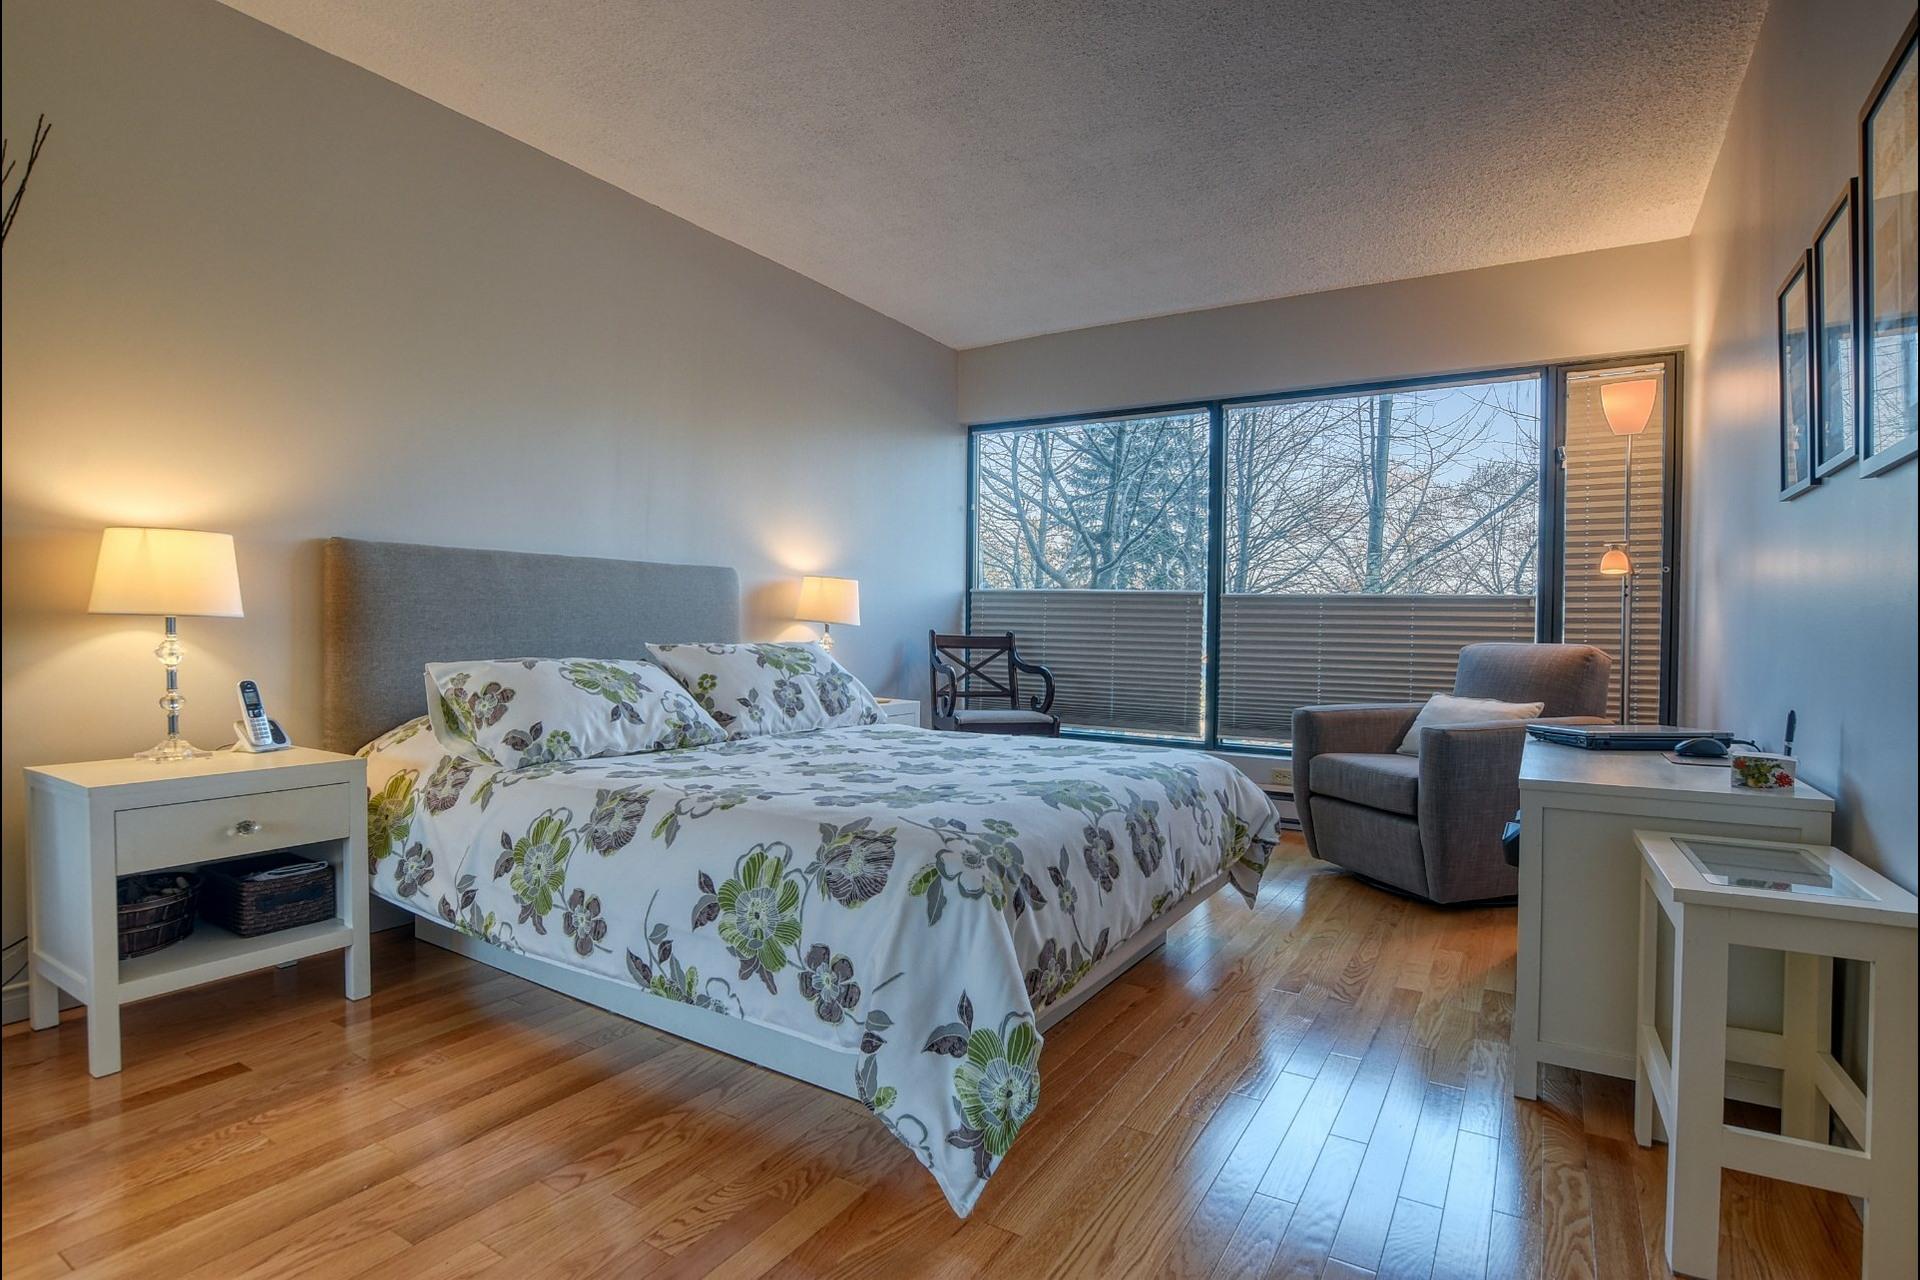 image 10 - Appartement À vendre Verdun/Île-des-Soeurs Montréal  - 5 pièces